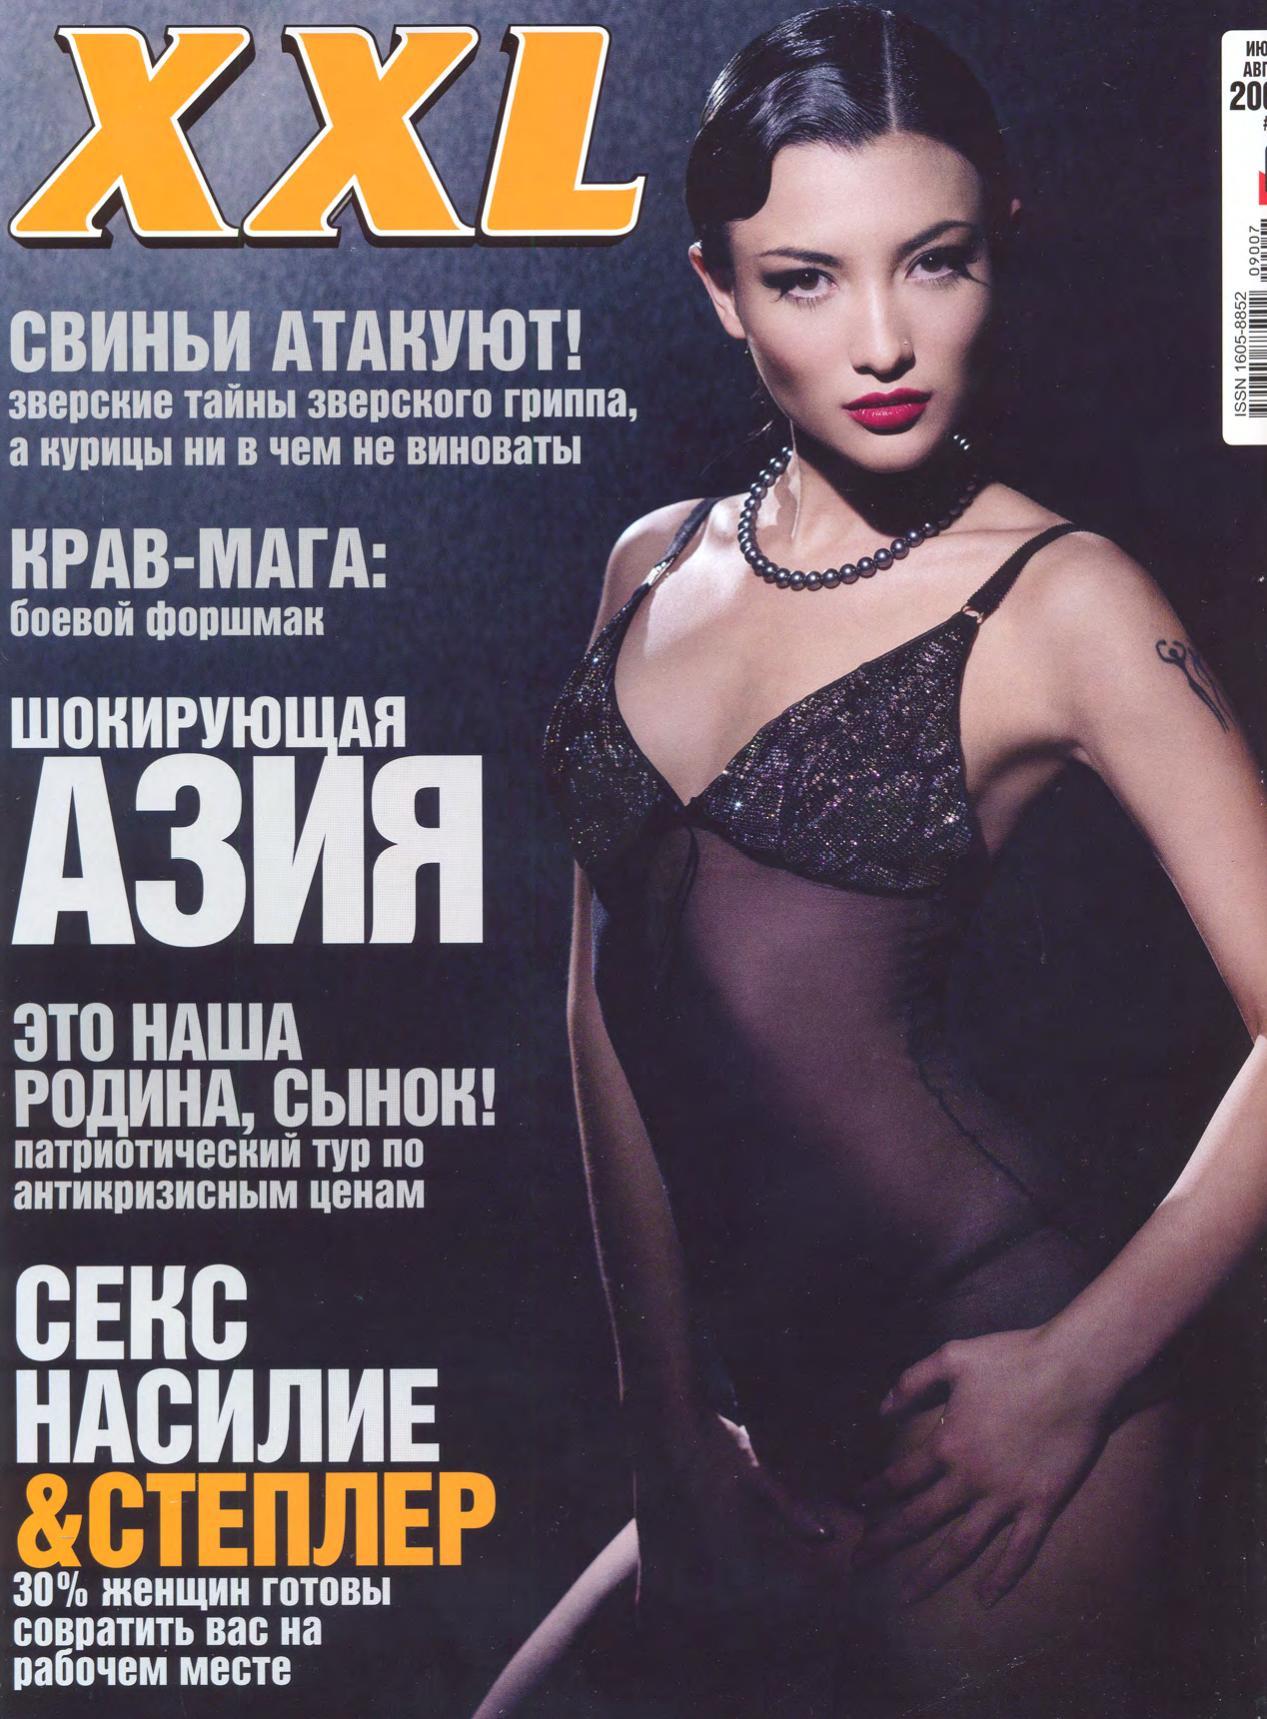 Журнал xxl знаменитости фото 6